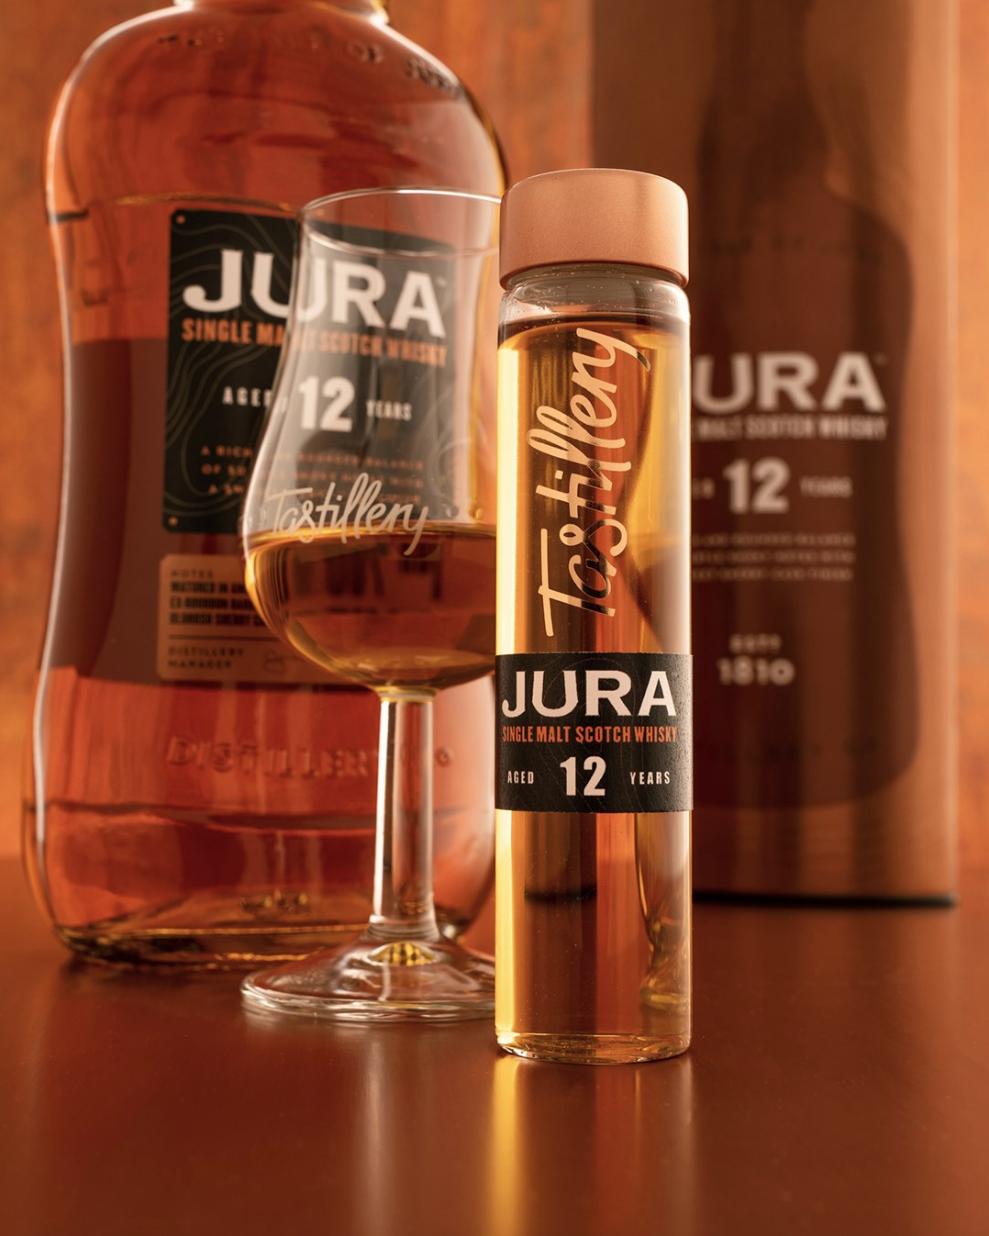 Tastillery Jura Whisky